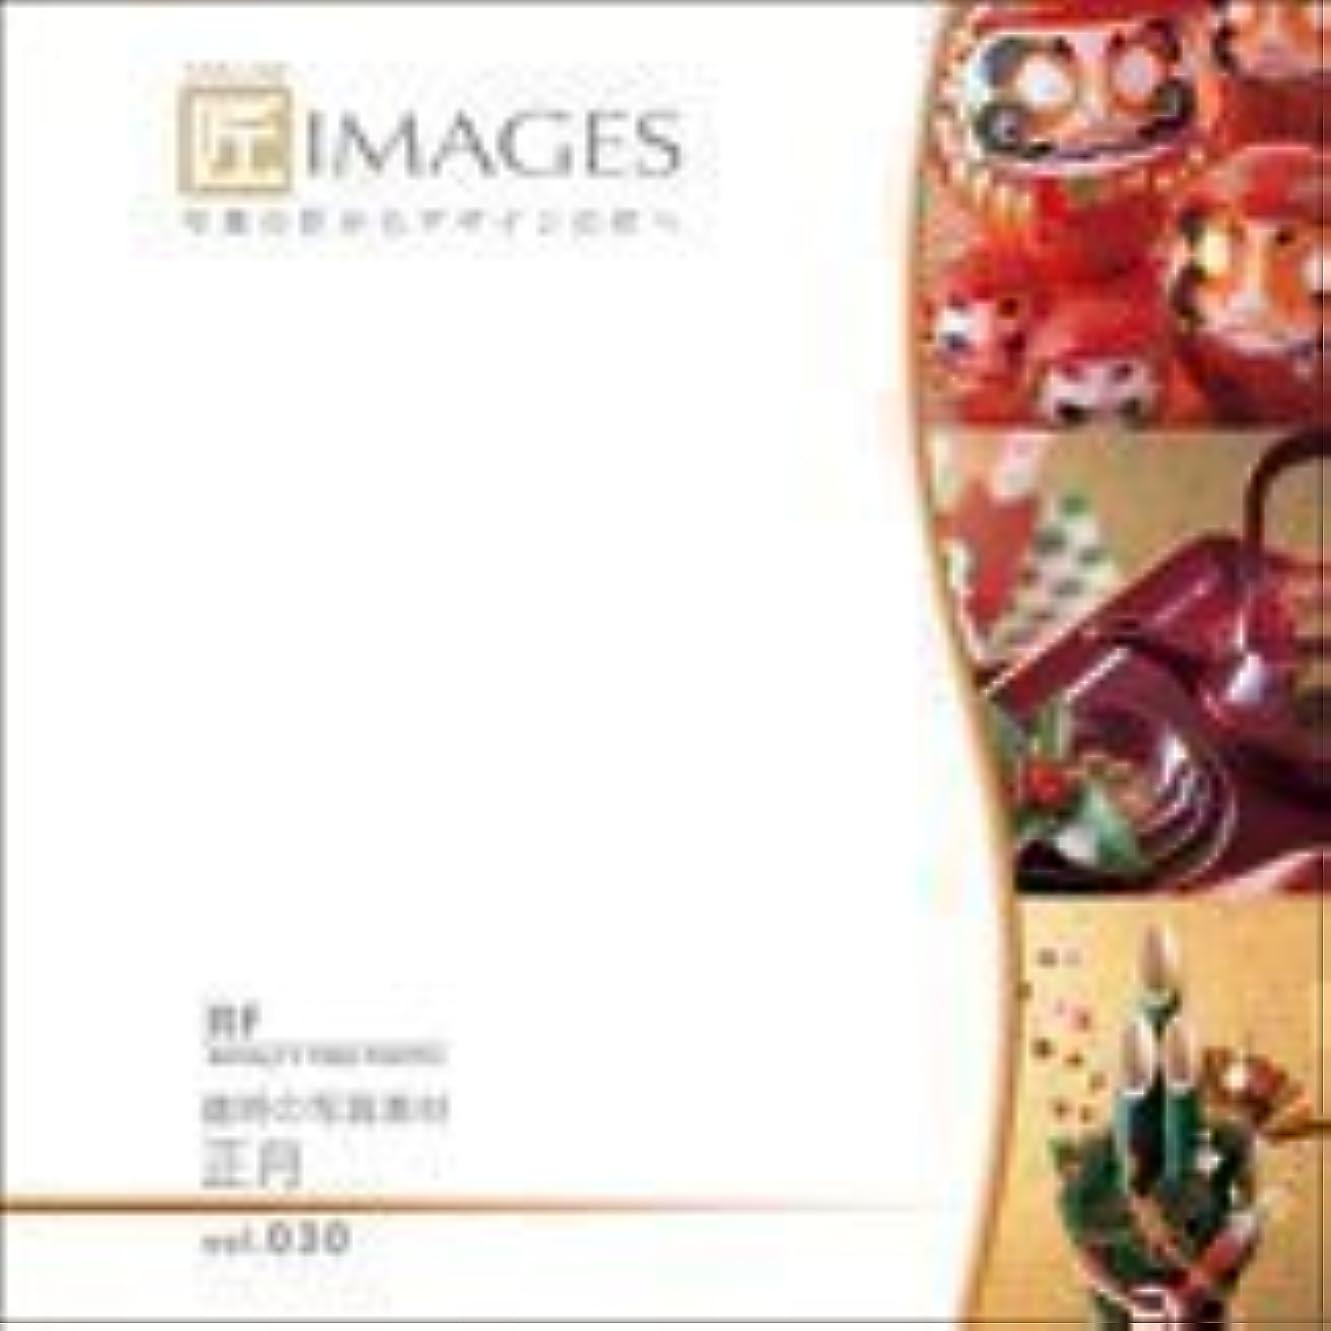 あいまいな問題王朝匠IMAGES Vol.030 歳時の写真素材 正月